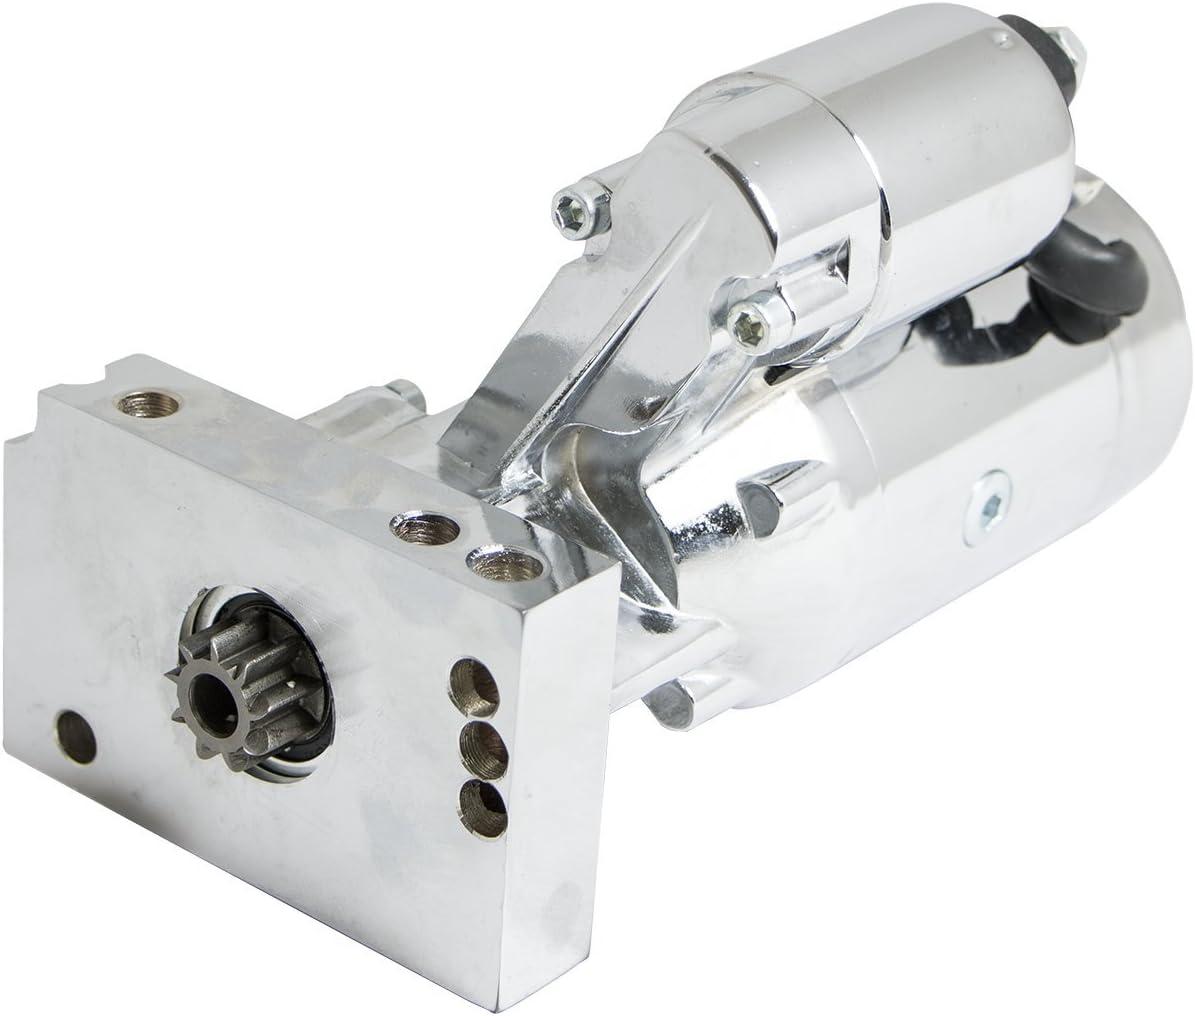 Top Street Performance JM7002C Chrome Finish Starter Motor